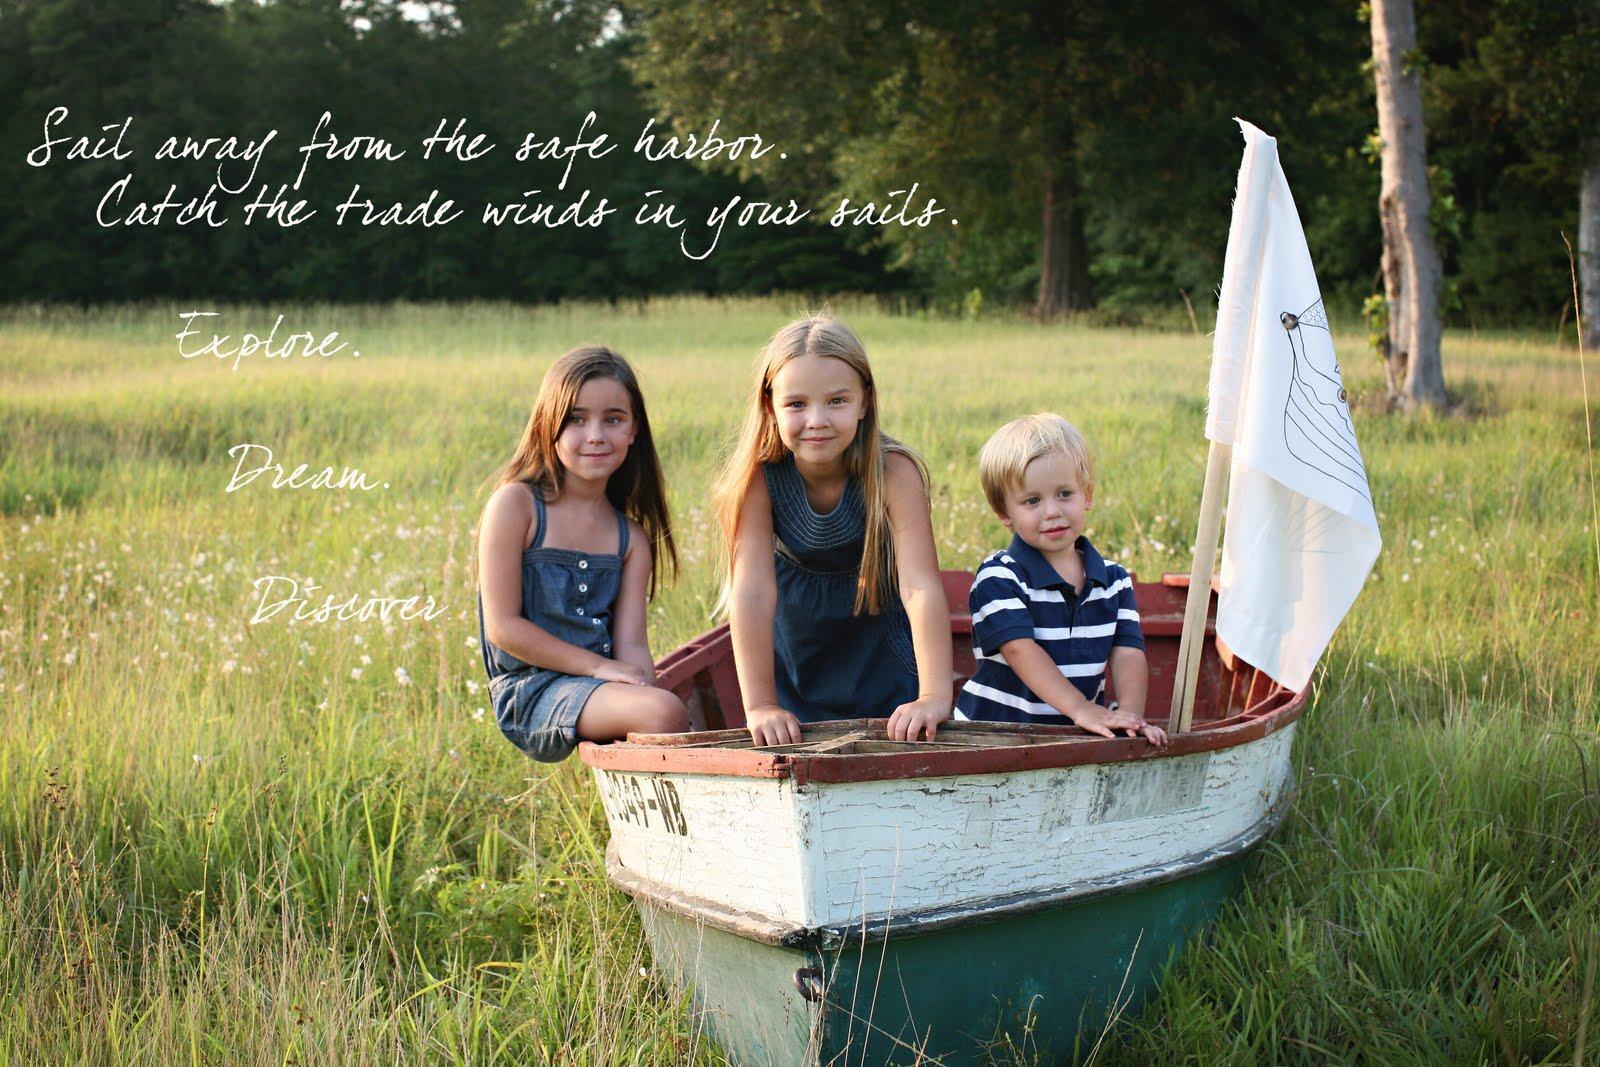 Sailing quote #2